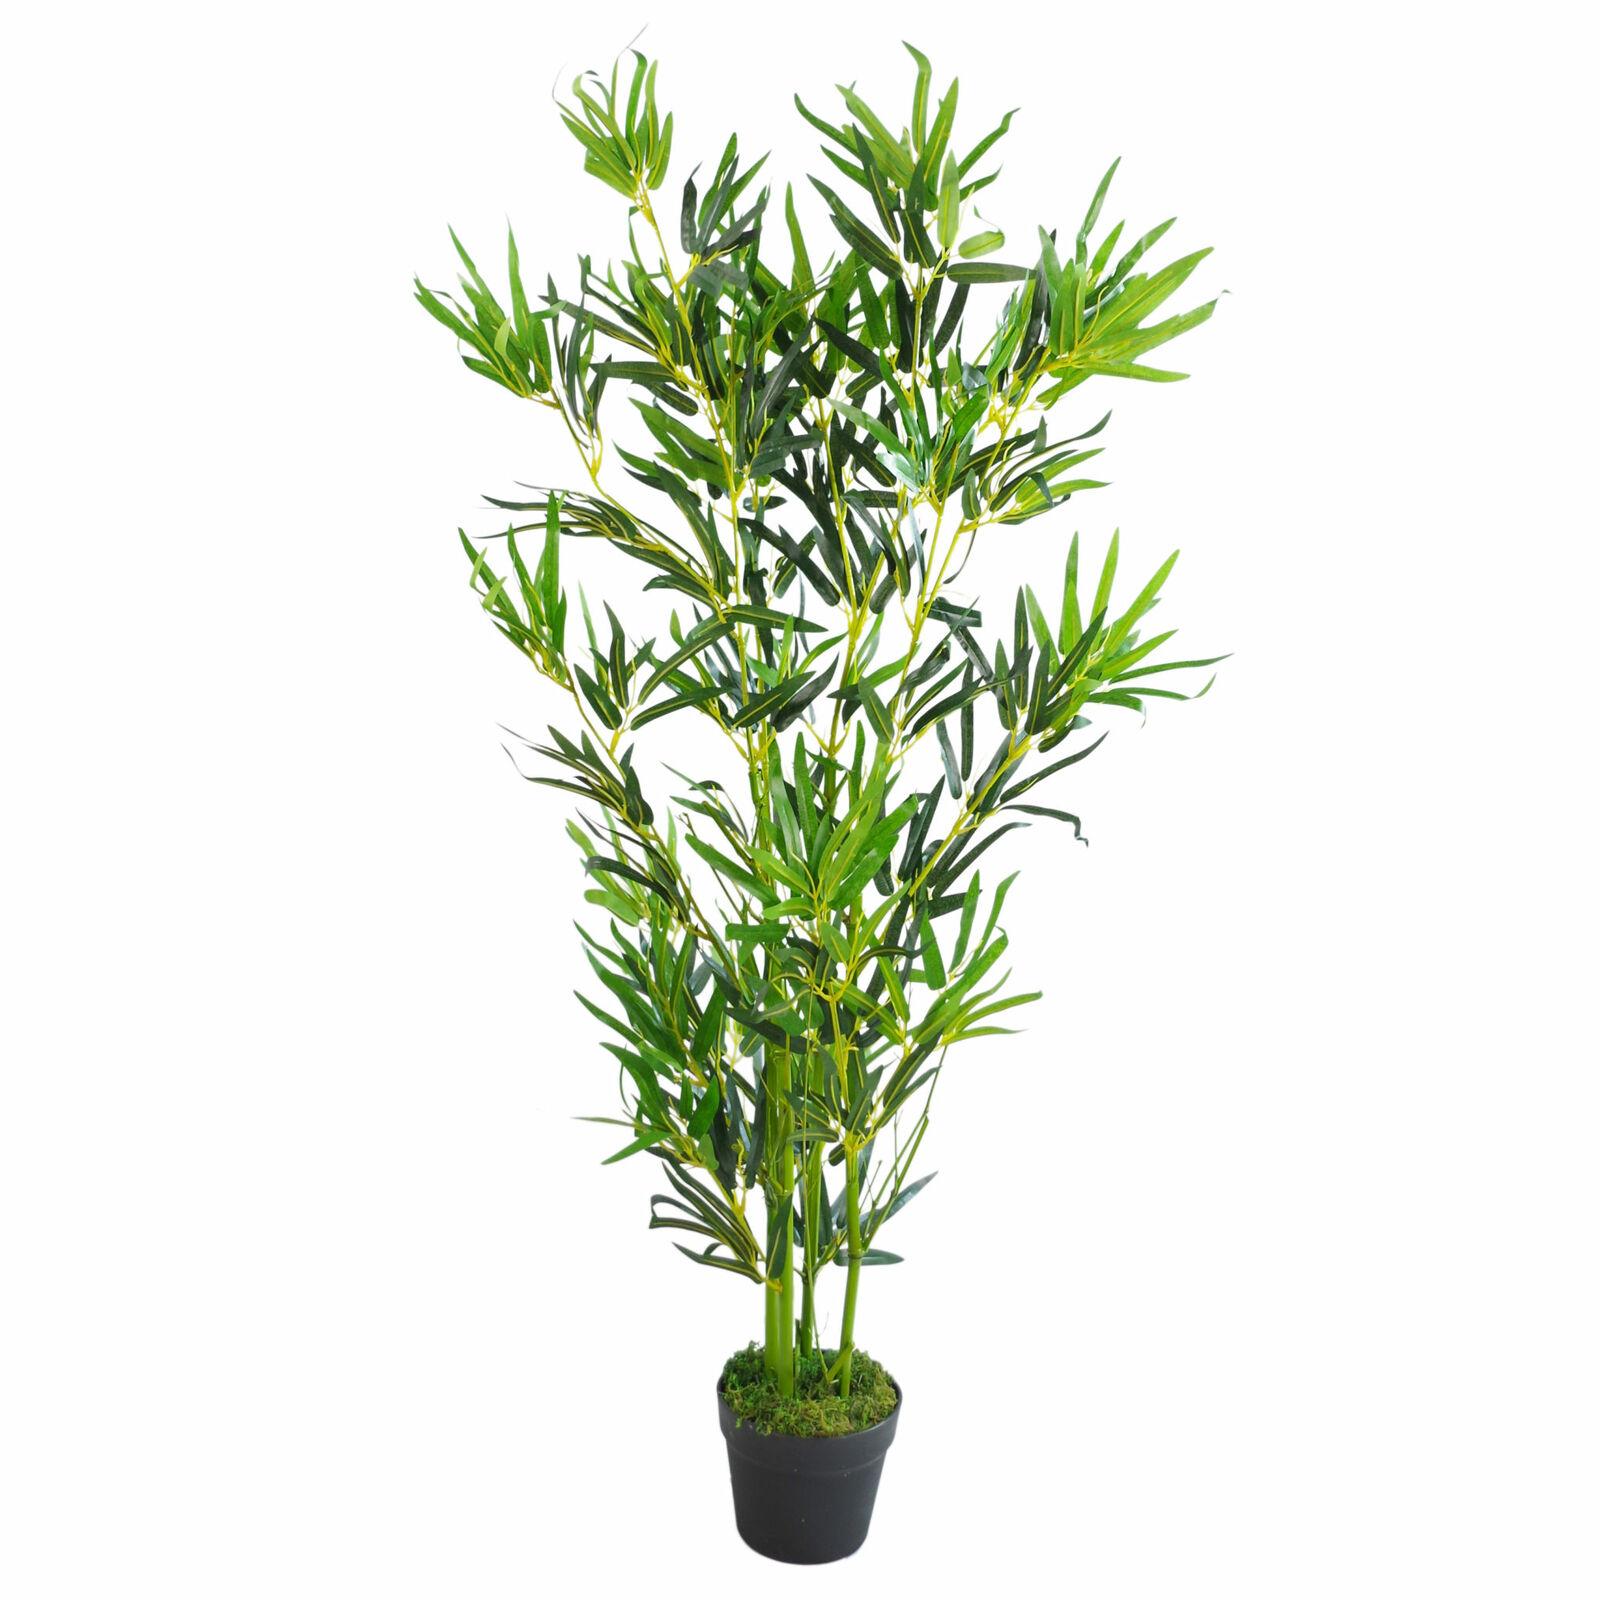 120cm (4ft) Natürlich Künstlich Bambus Pflanzen Bäume - XL Leaf-7096